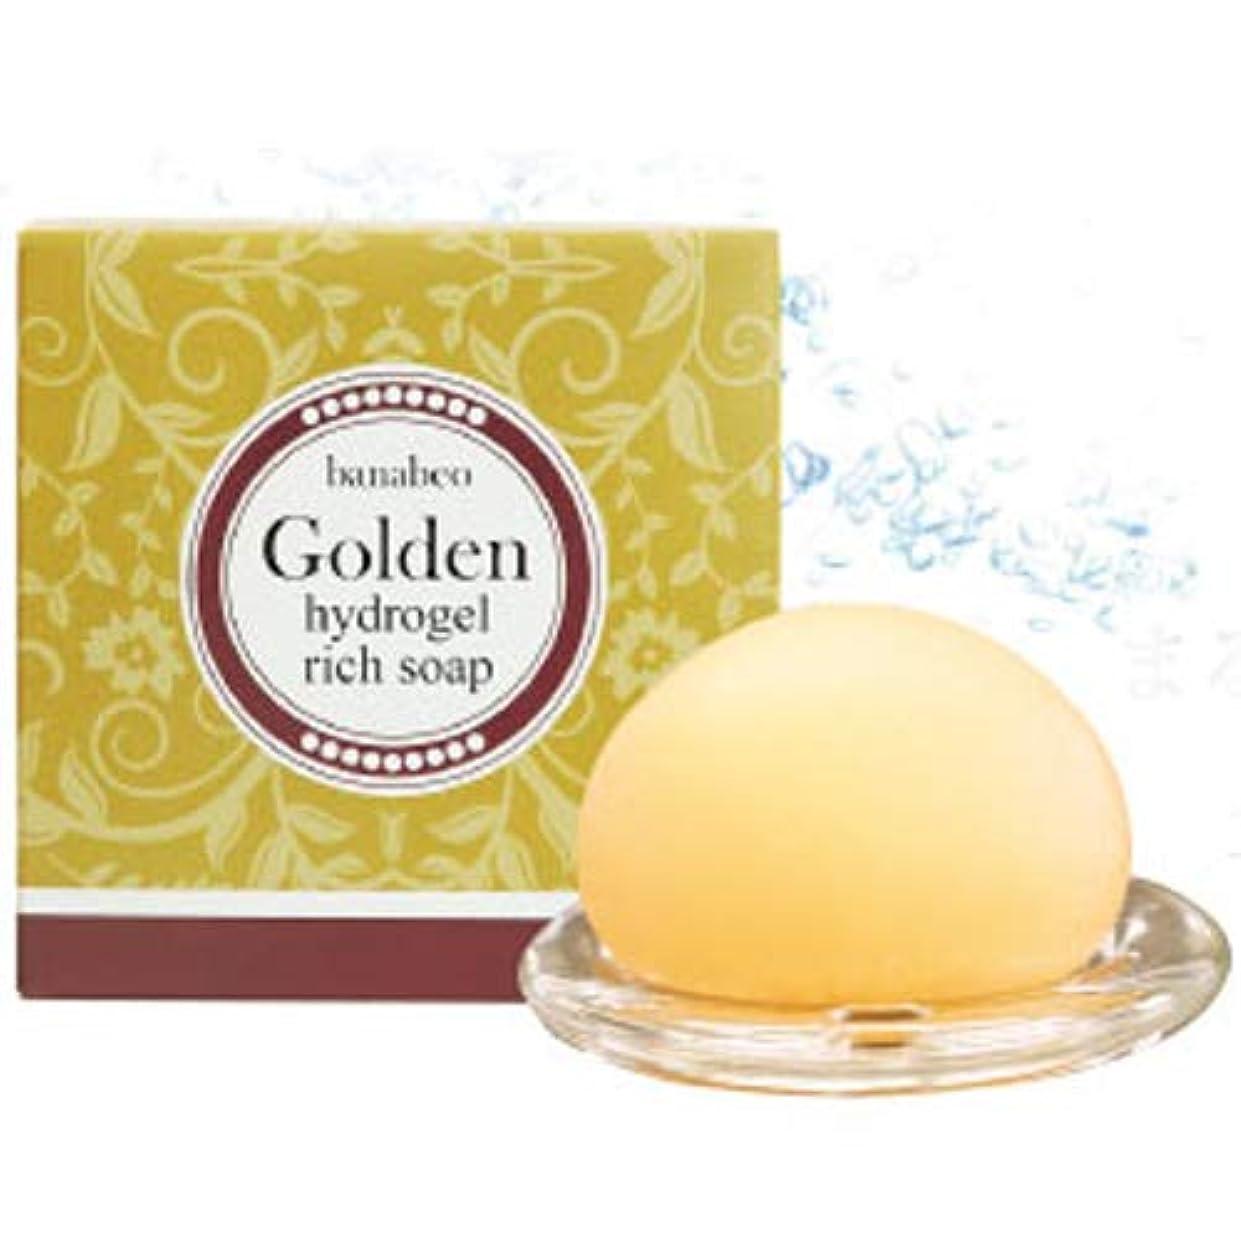 リンク簡潔な集団バナベオ ゴールデンハイドロリッチゲルソープ 洗顔石鹸 ゴールド